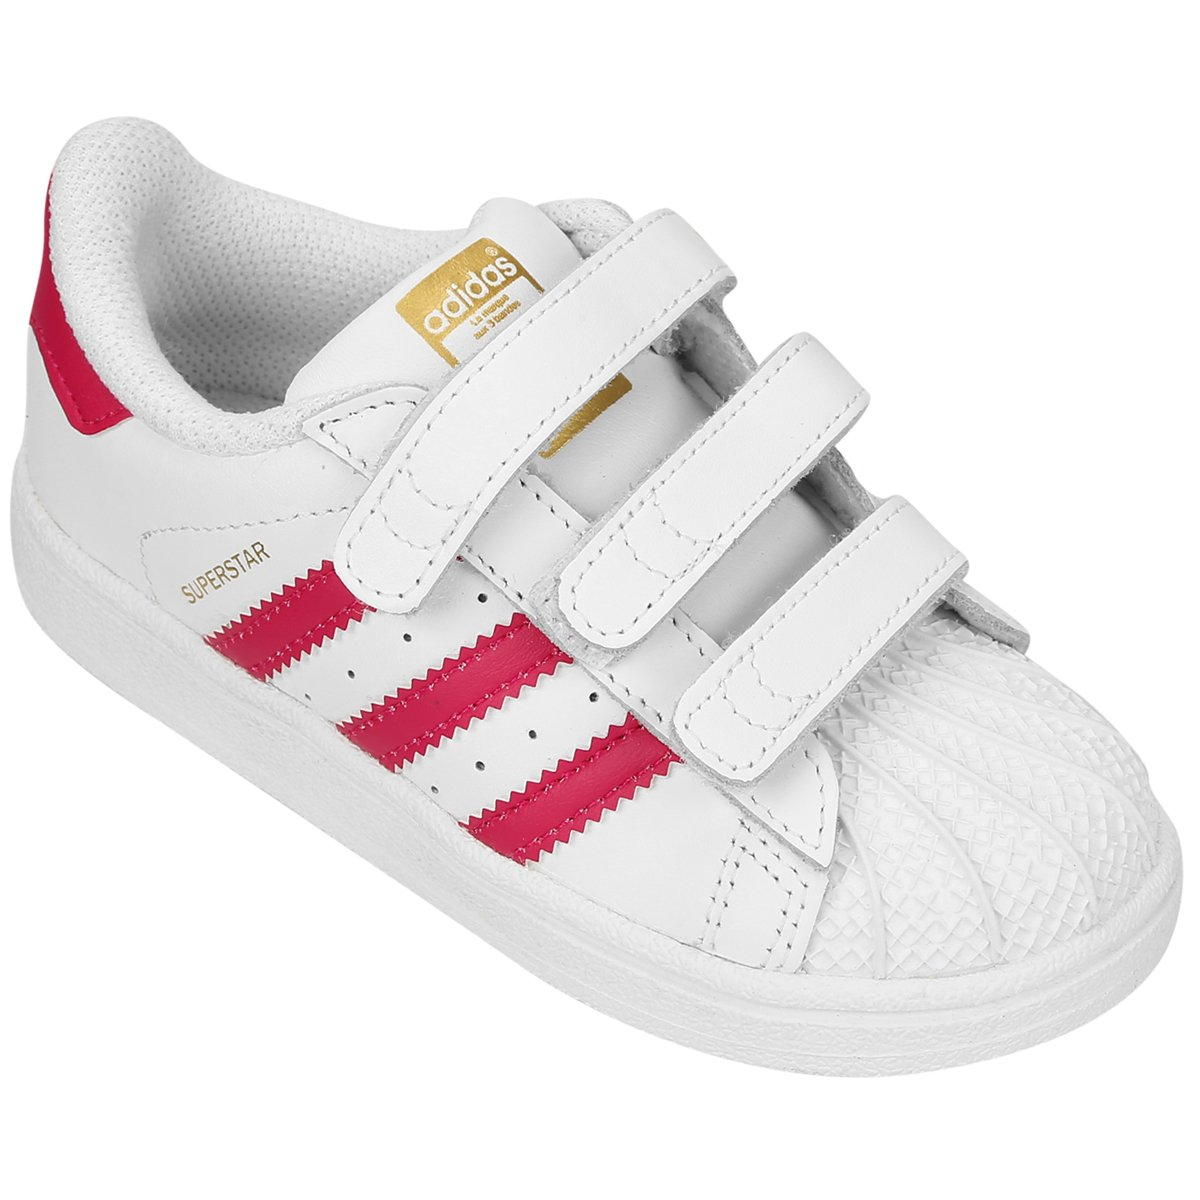 Tênis Adidas Superstar Found Cf Infantil - Compre Agora  7a220f416b103